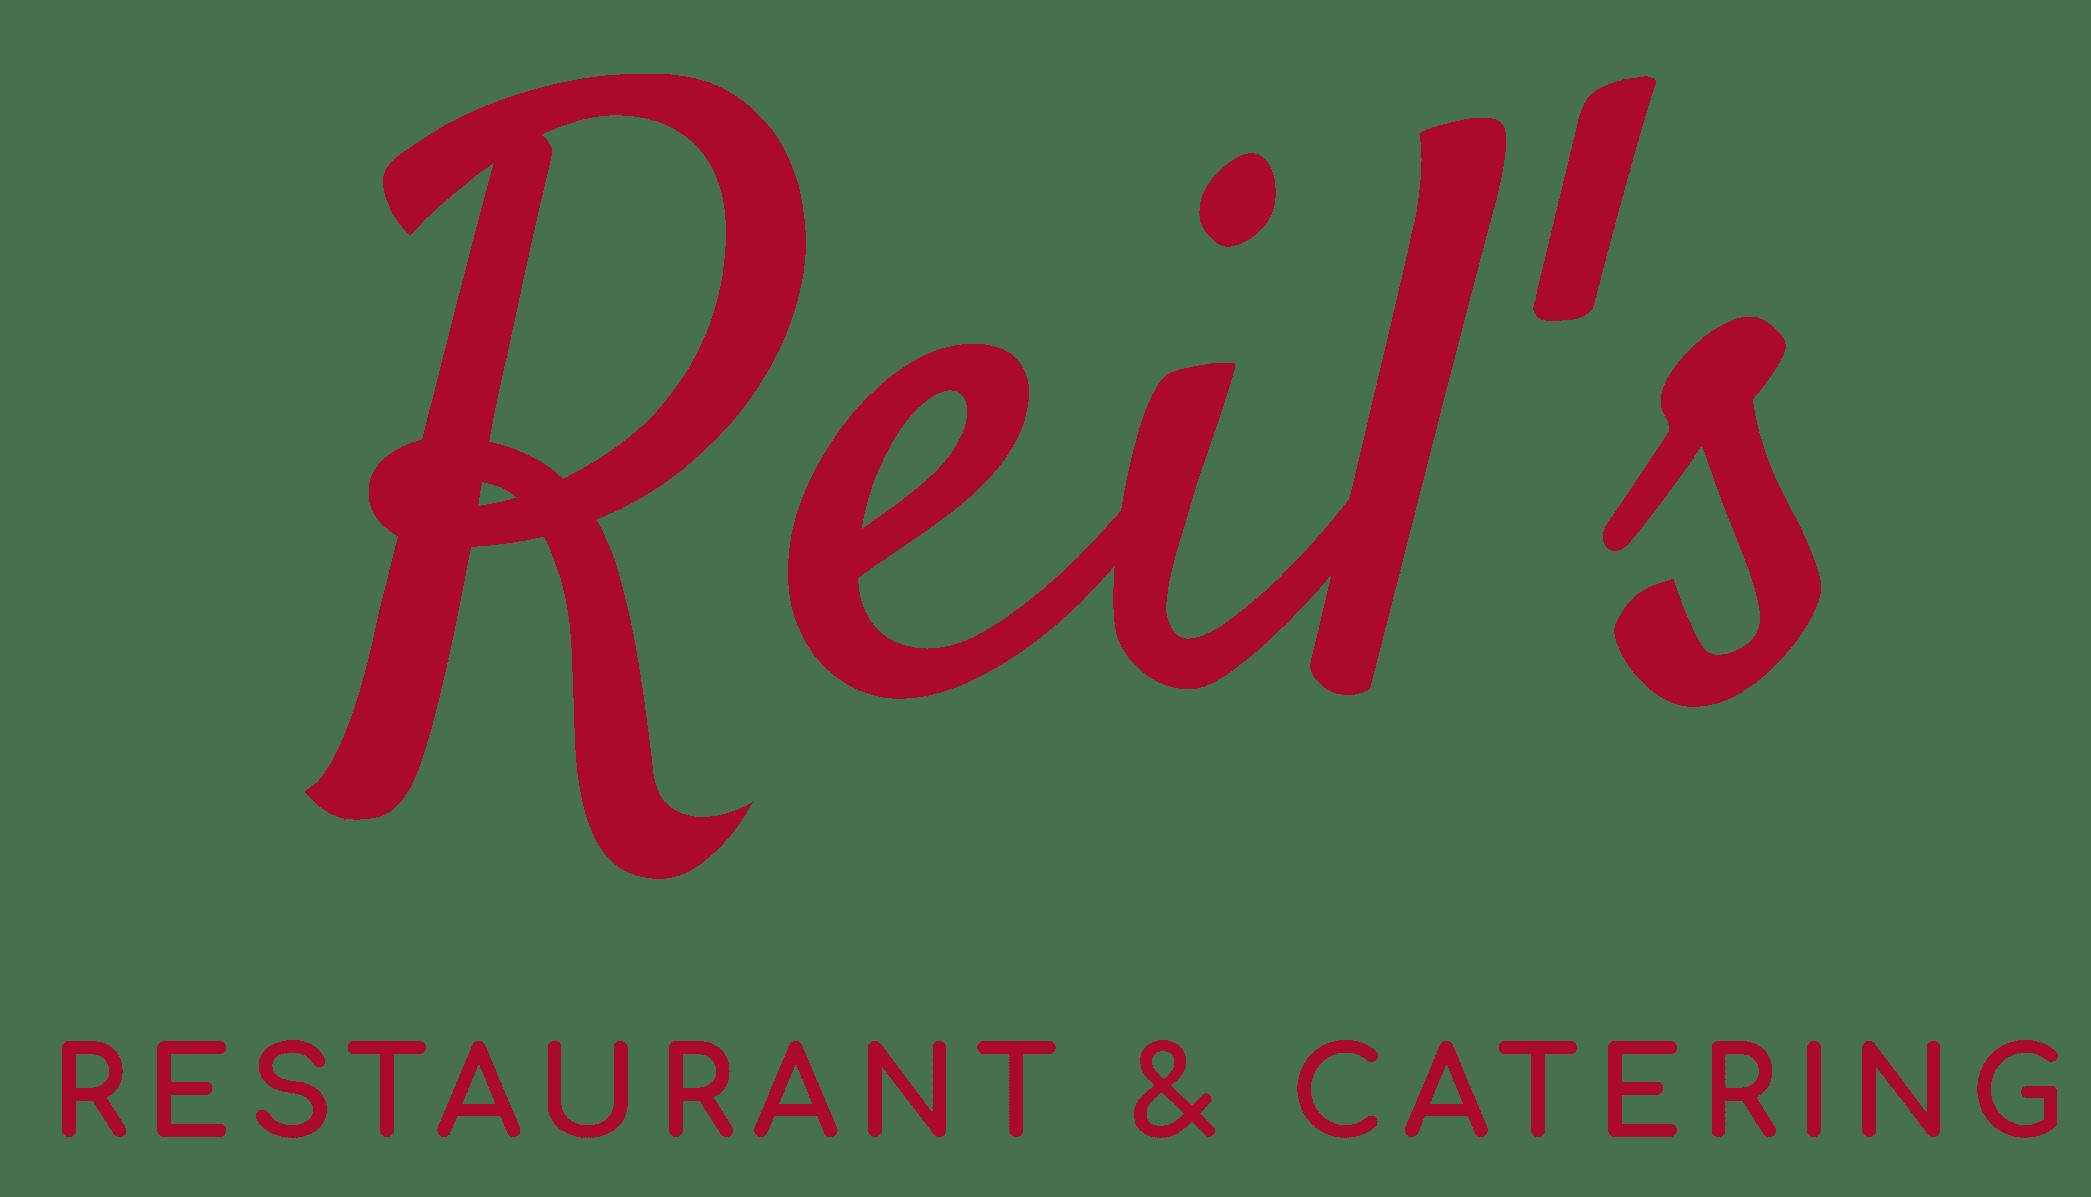 Reil's Restaurant